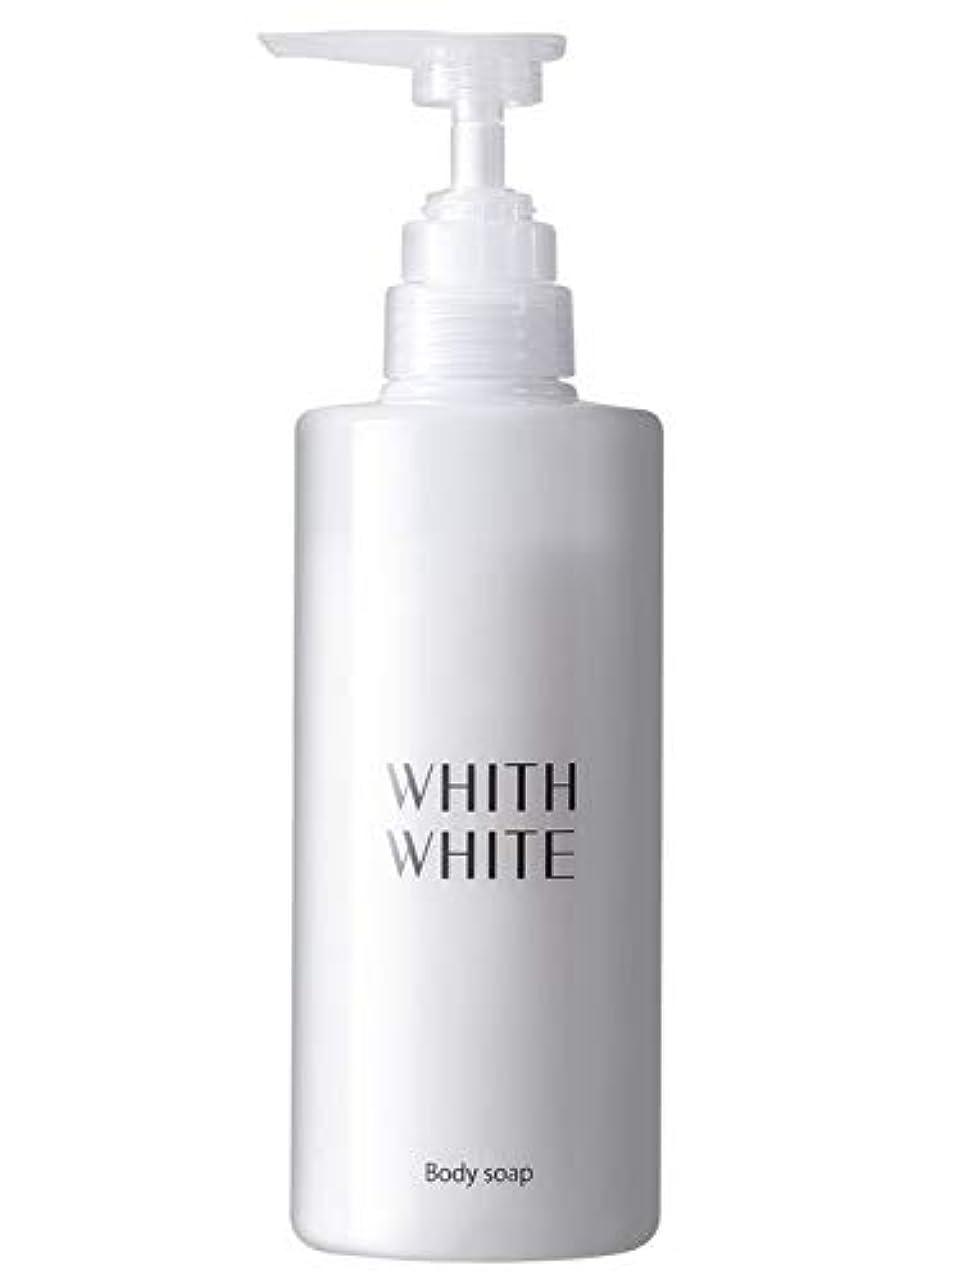 下線可決送ったフィス ホワイト ボディソープ 【 エレガントフローラルのいい香り 】 無添加 保湿 ボディーソープ 「 泡で黒ずみ さっぱり ボディシャンプー 」「 ヒアルロン酸 コラーゲン セラミド 配合」450ml